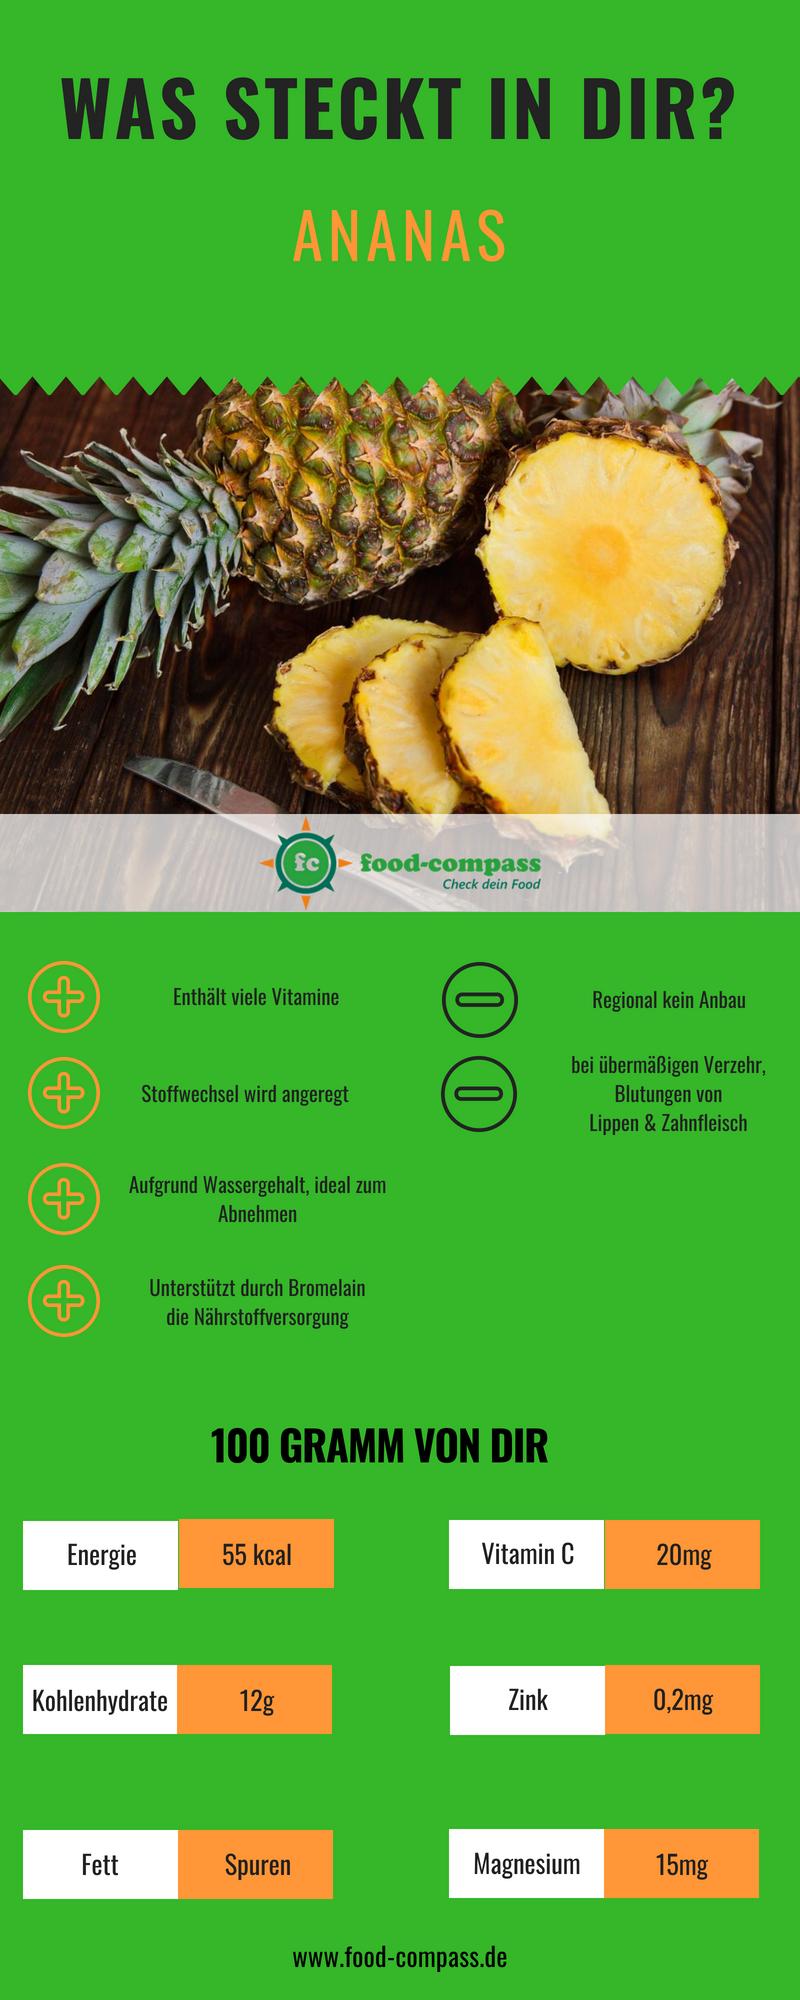 Ananas und deren Nährstoffe